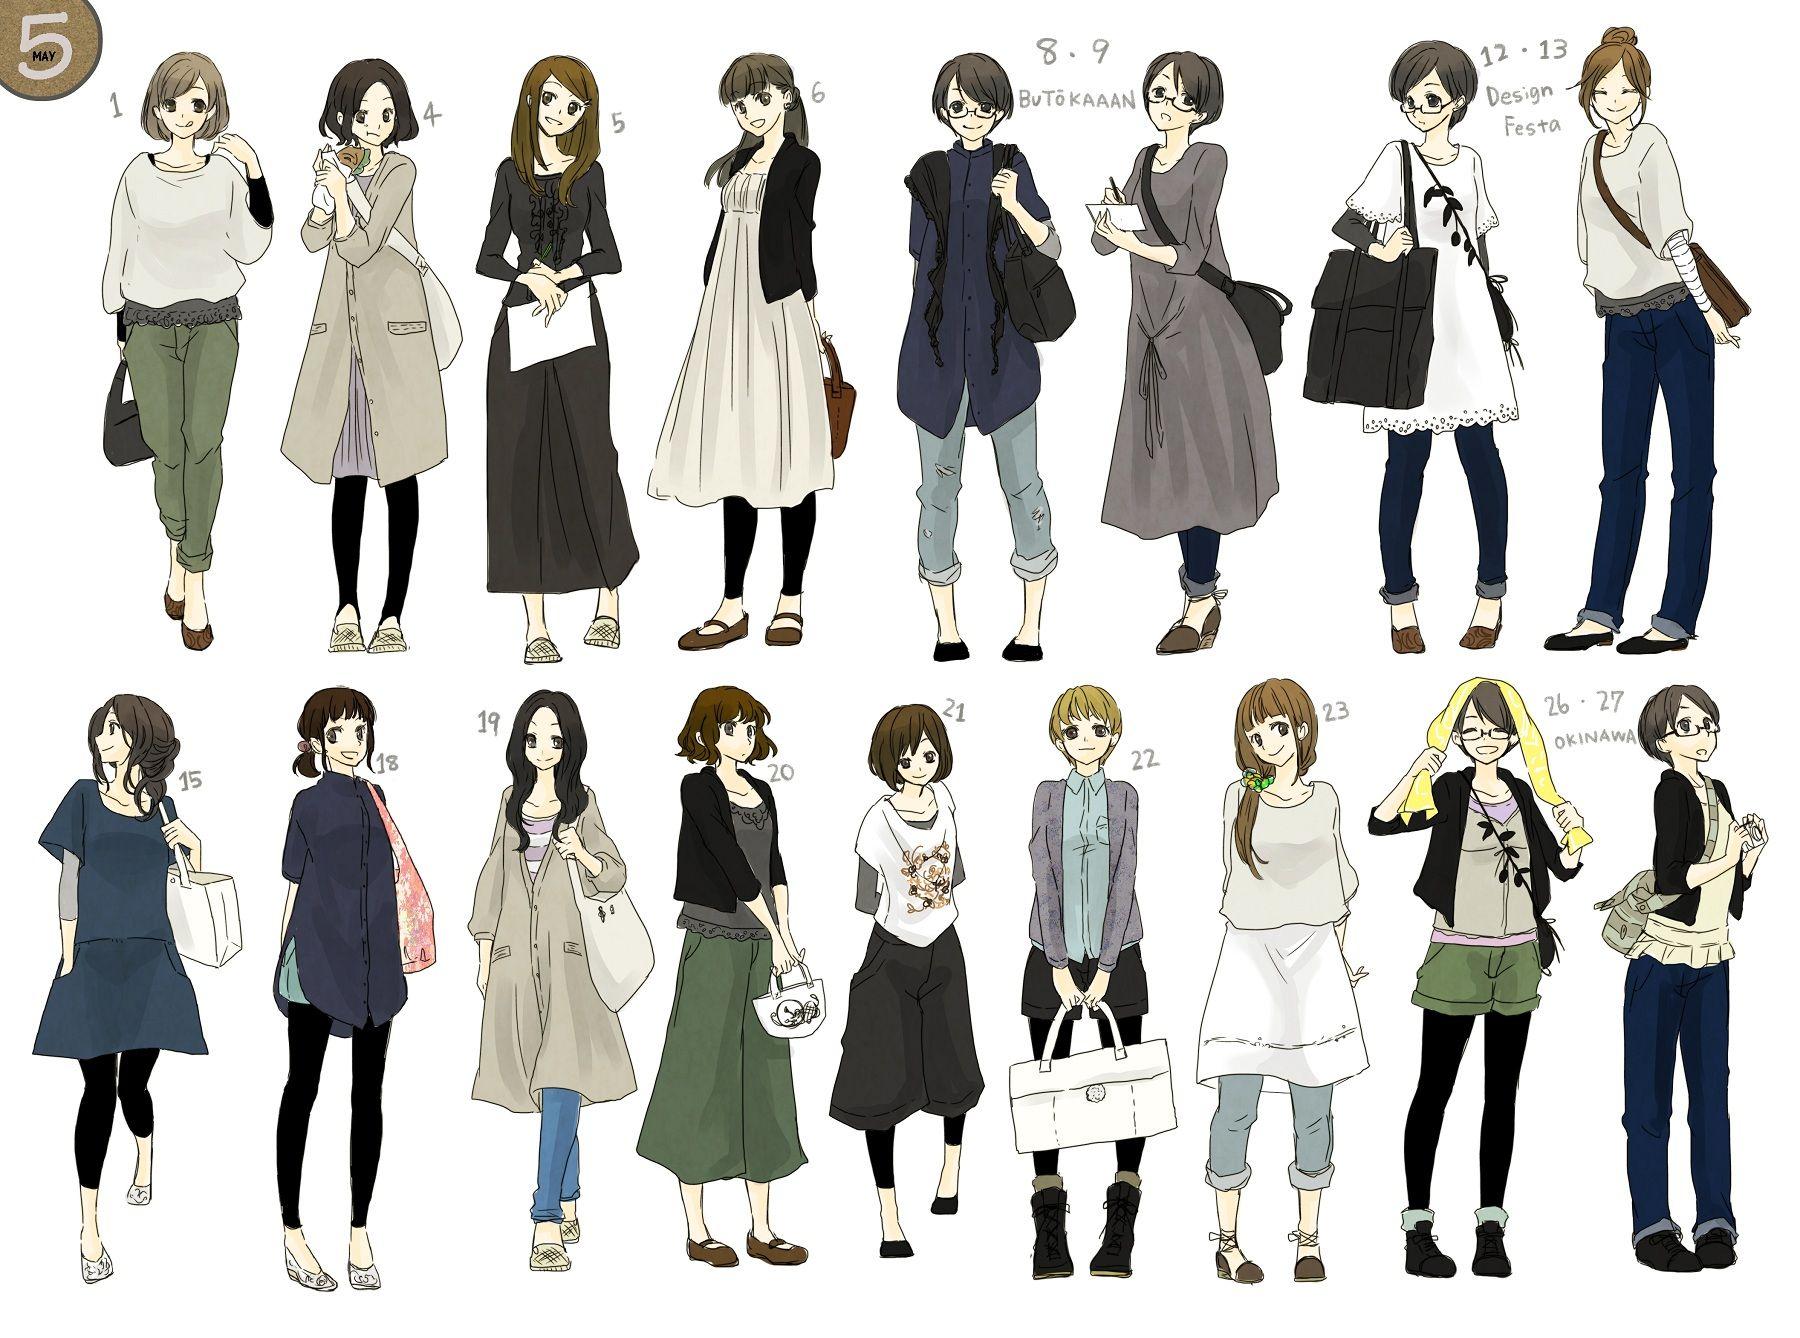 小资、时尚、女性、服饰、设定